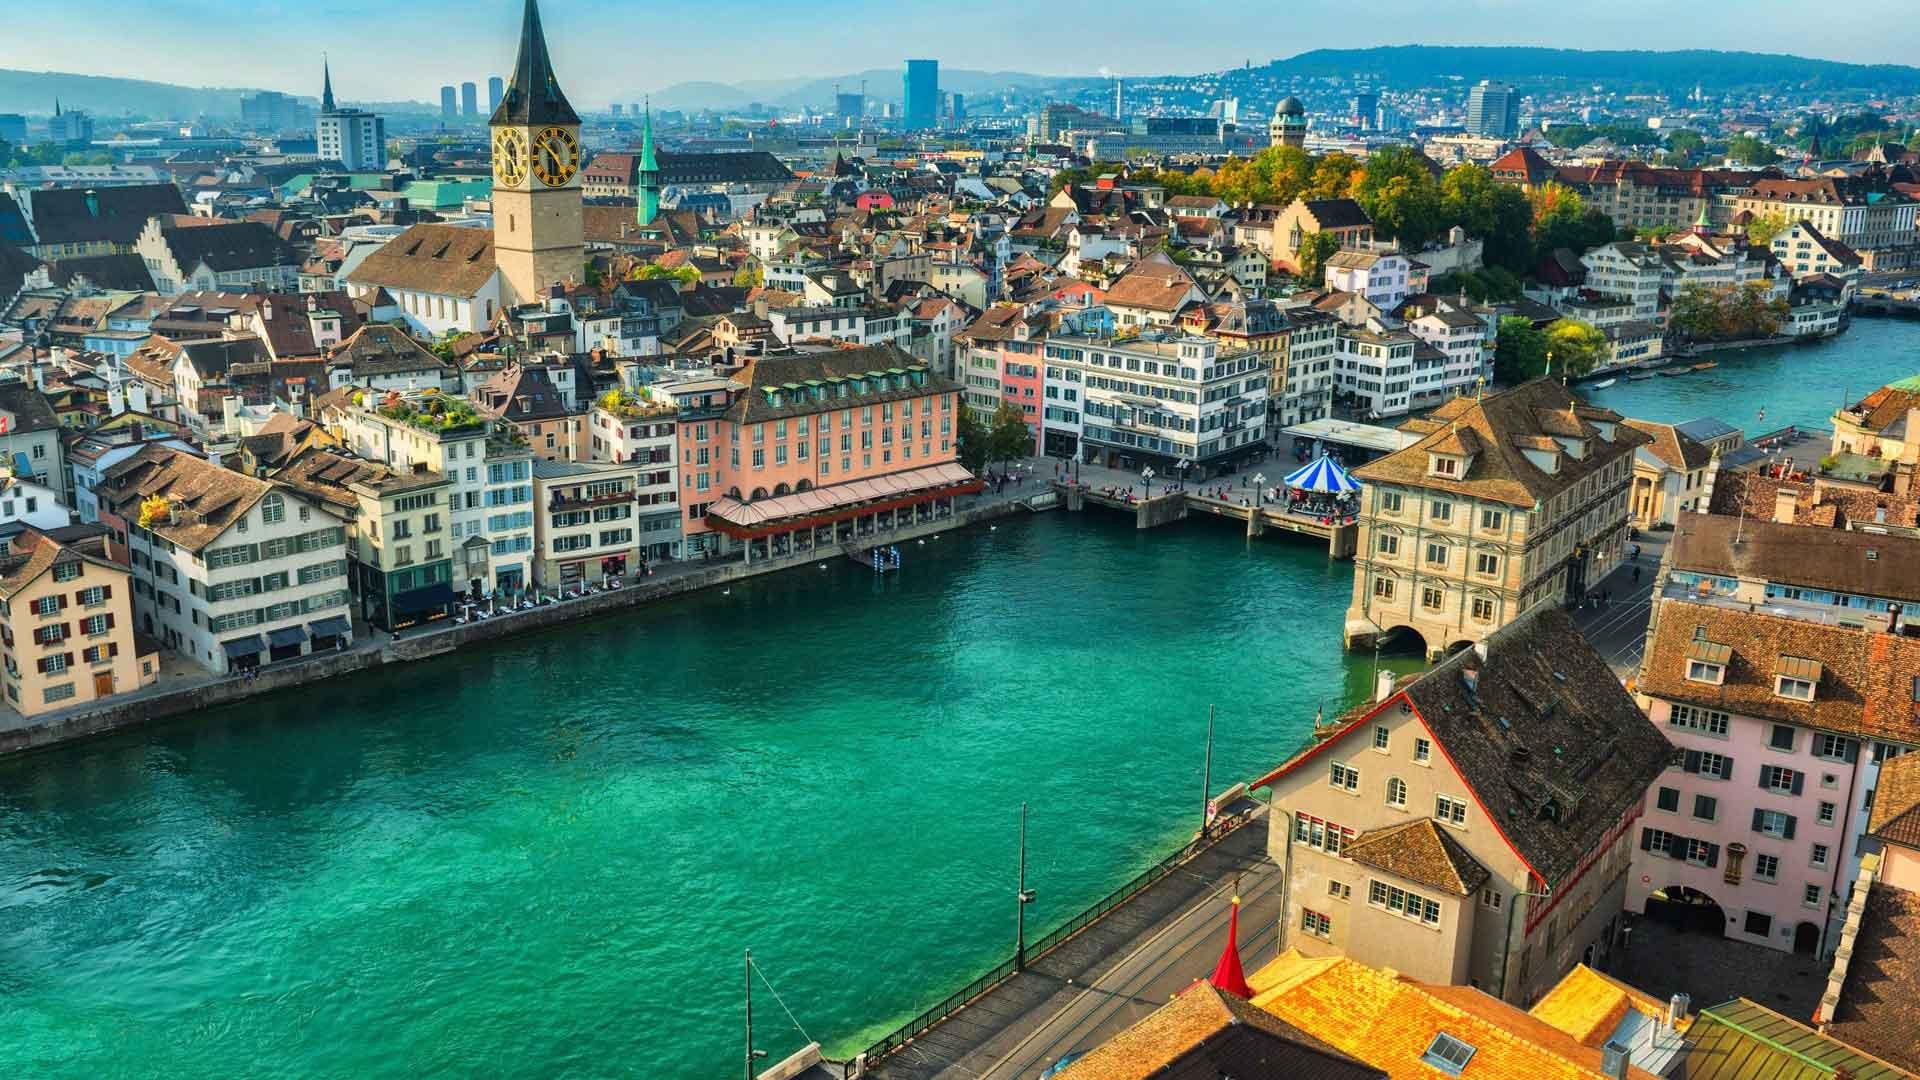 Rent a Luxury Car in Zurich